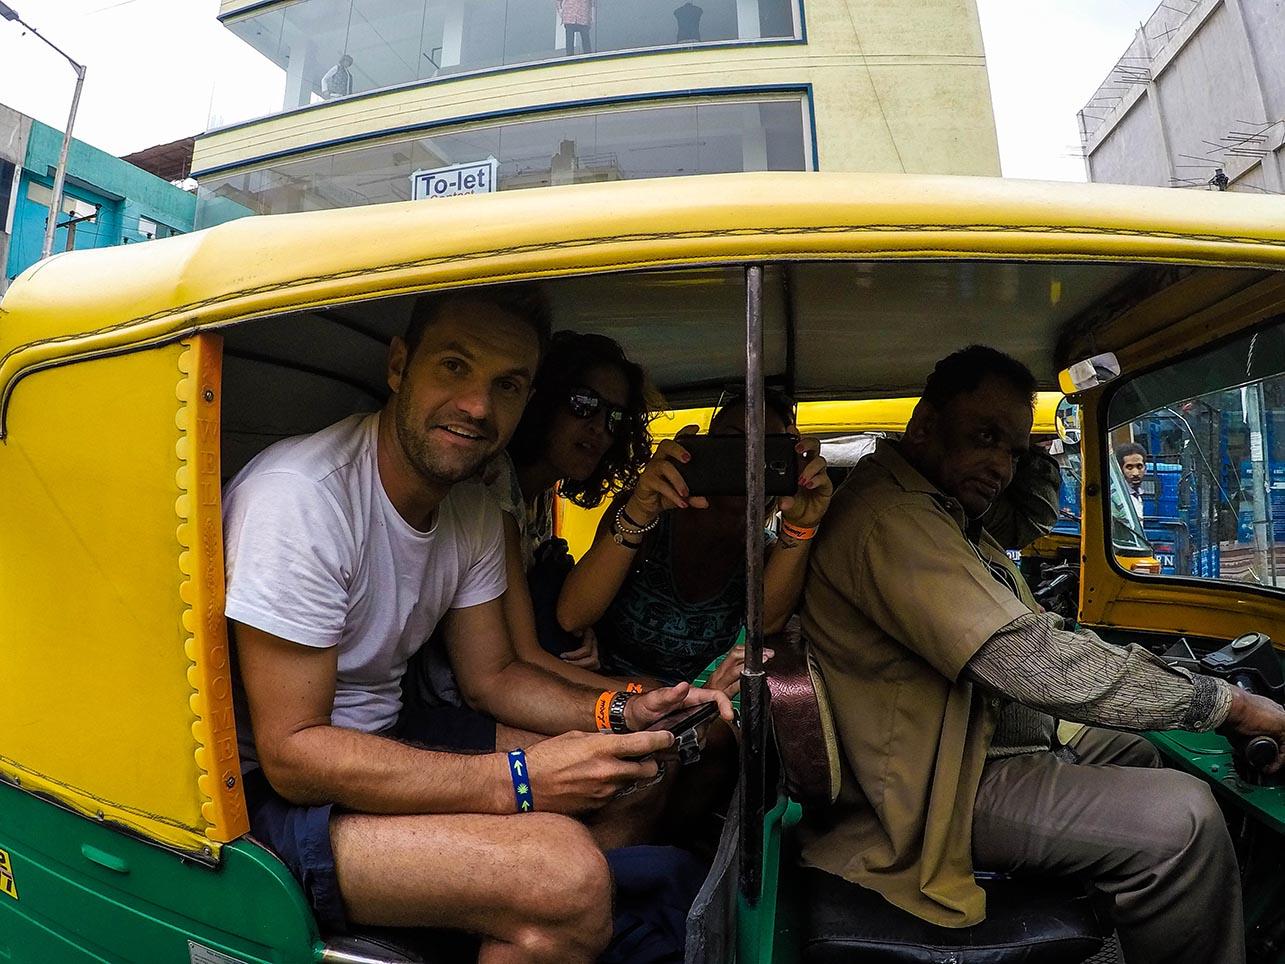 Diferencias entre la India y España - Primera vez en un Rickshaw